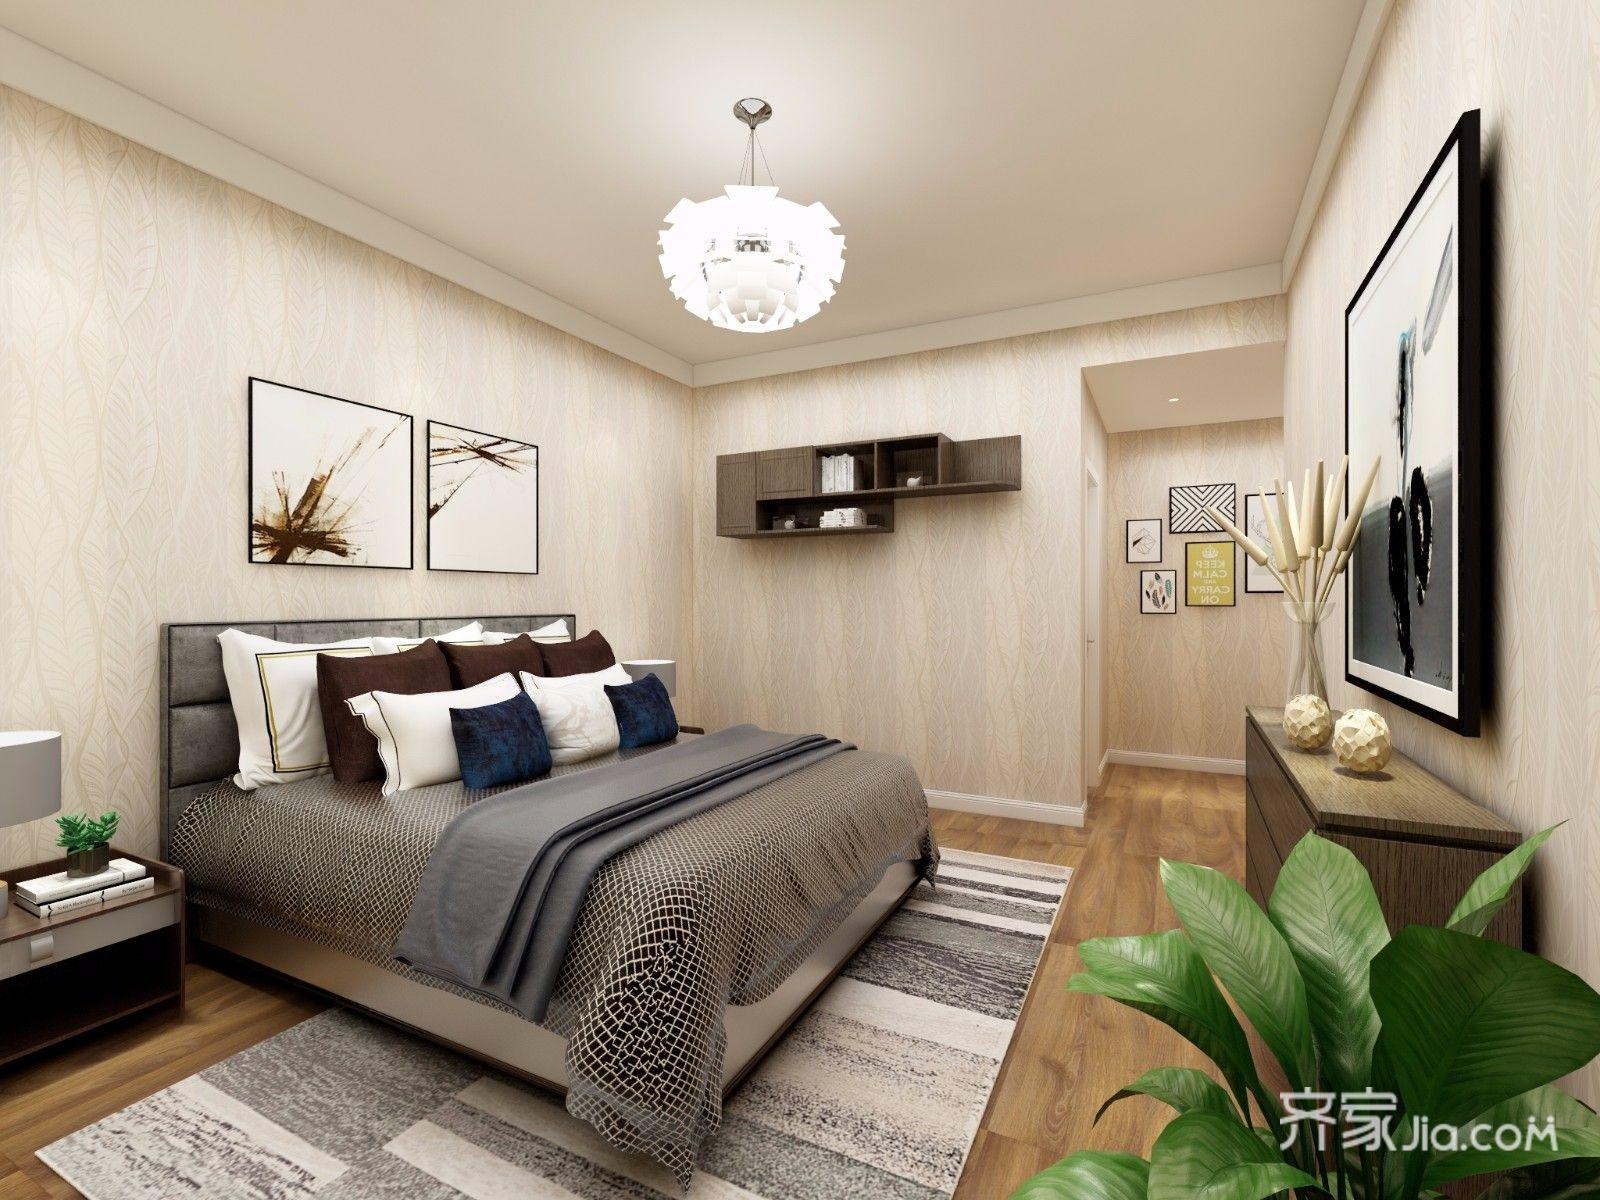 118㎡现代简约三居卧室背景墙装修效果图